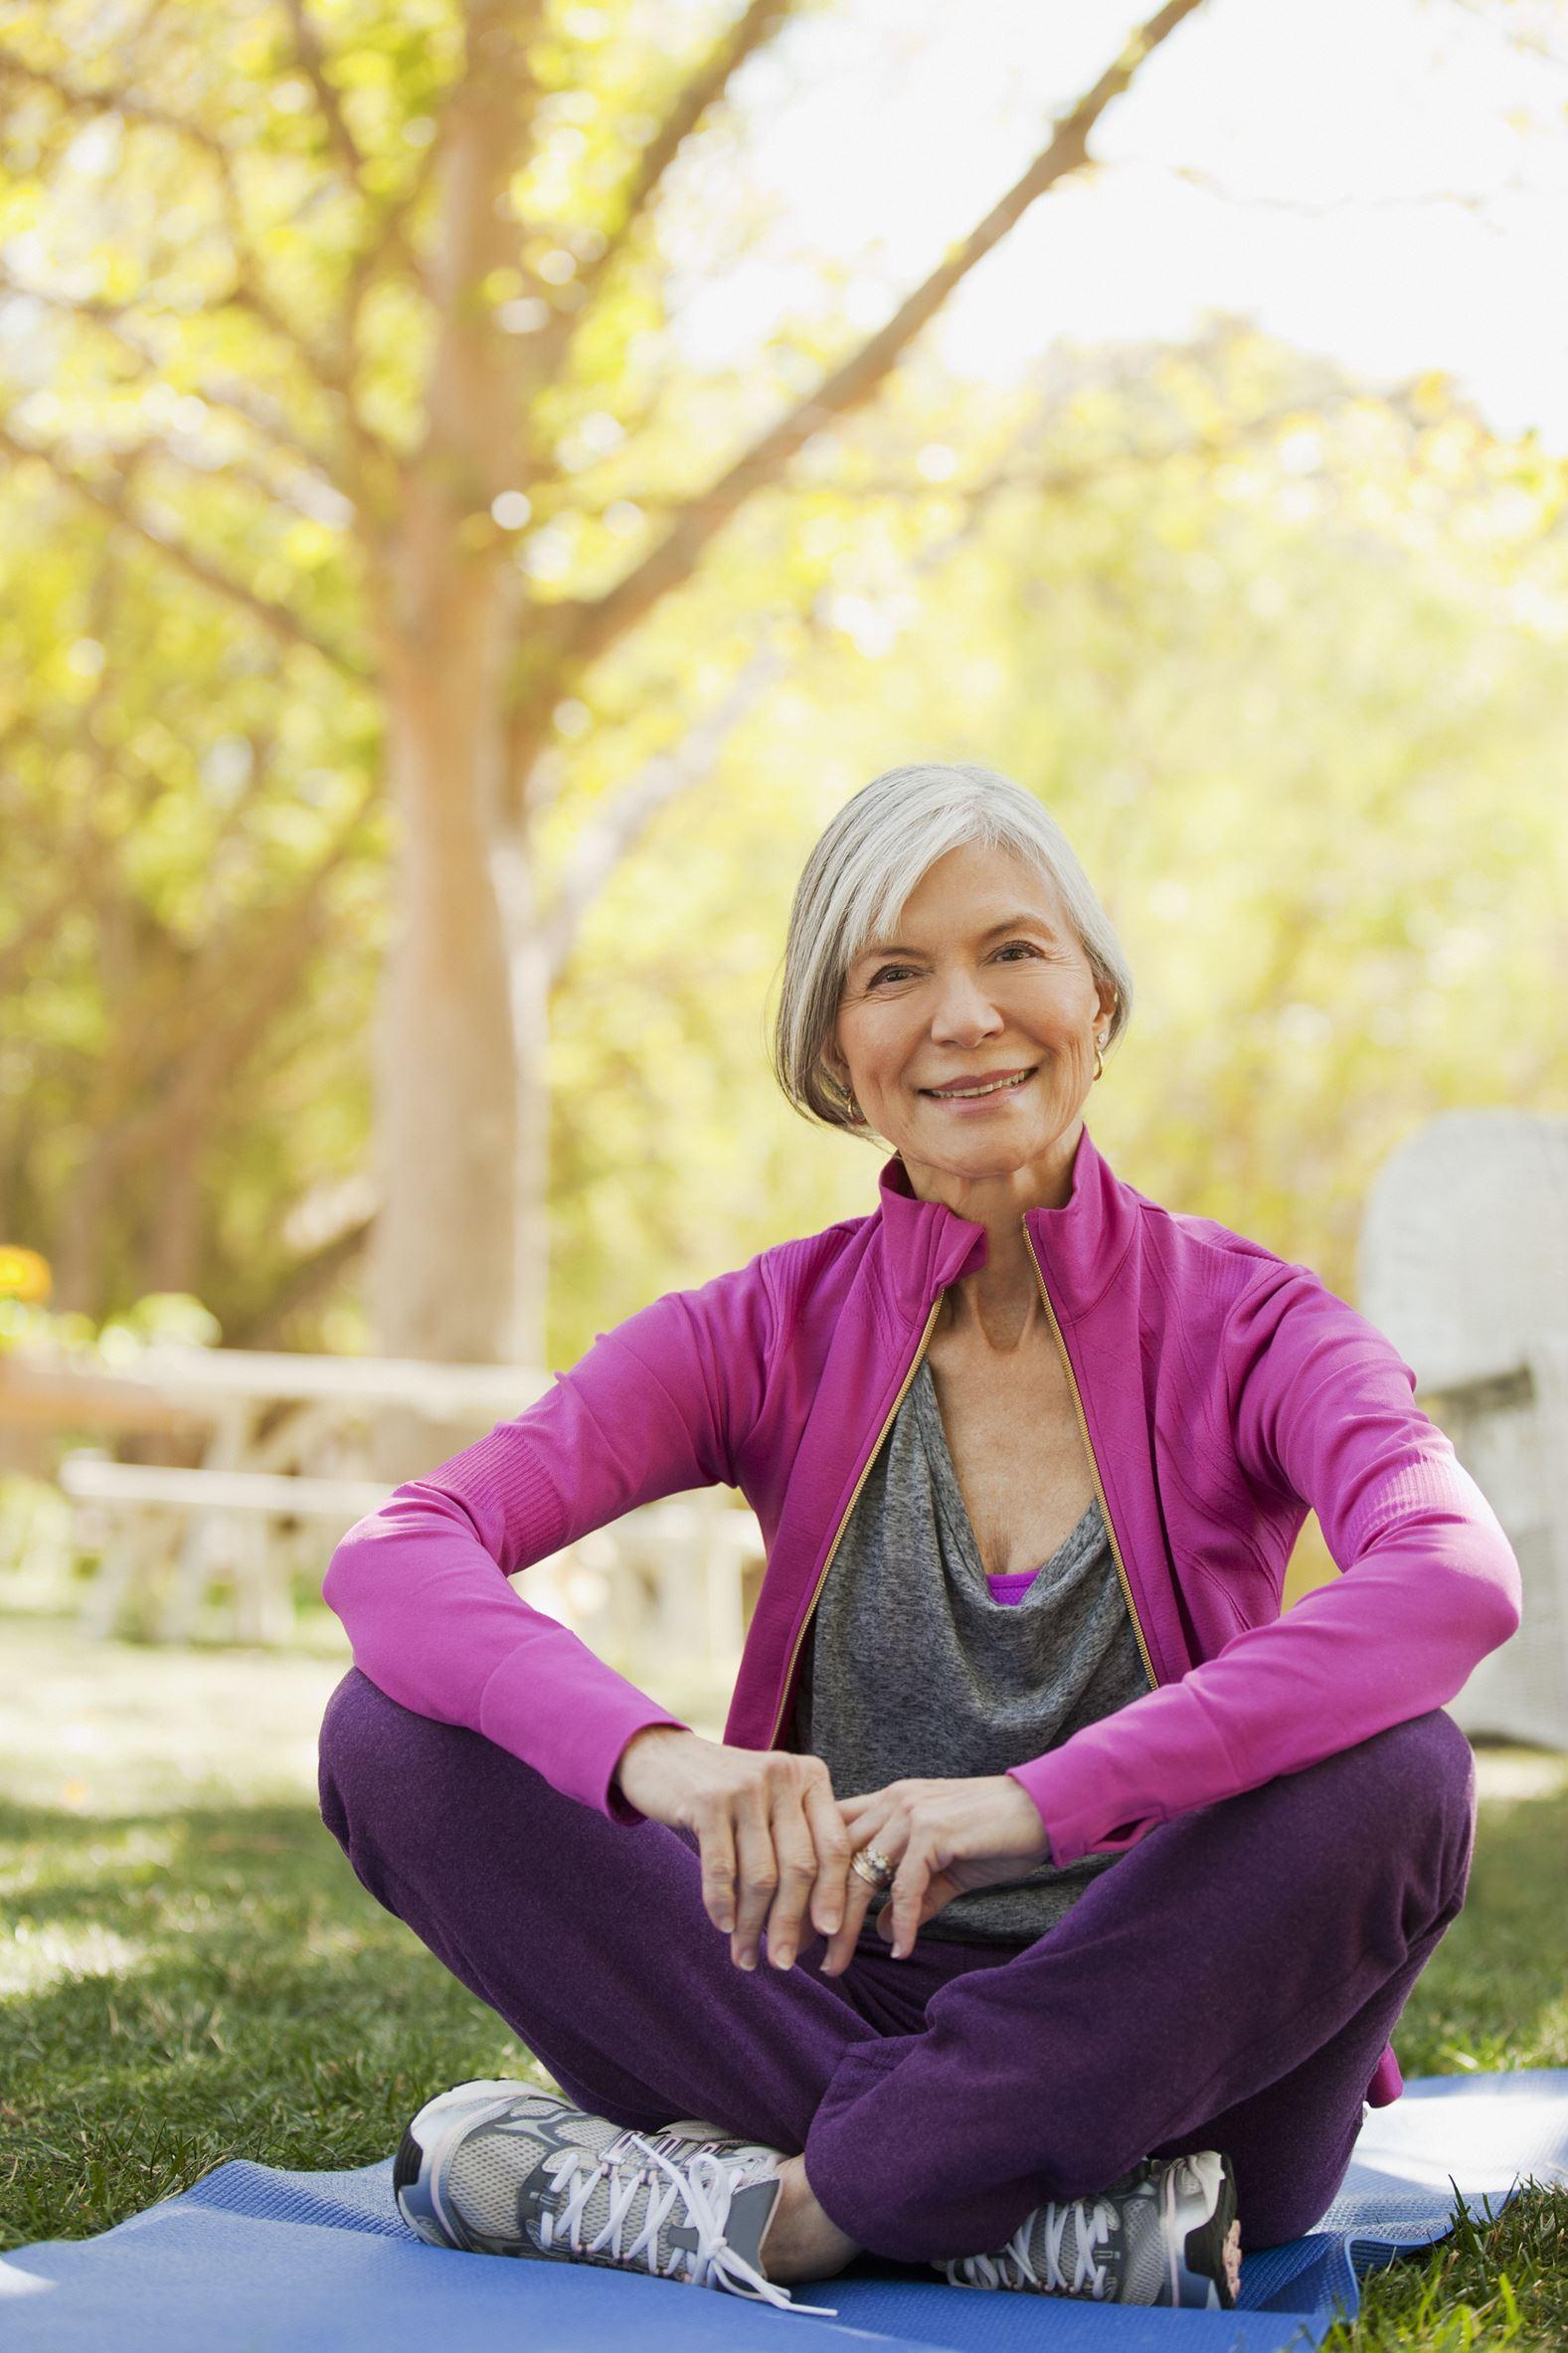 Föredrag om Yoga